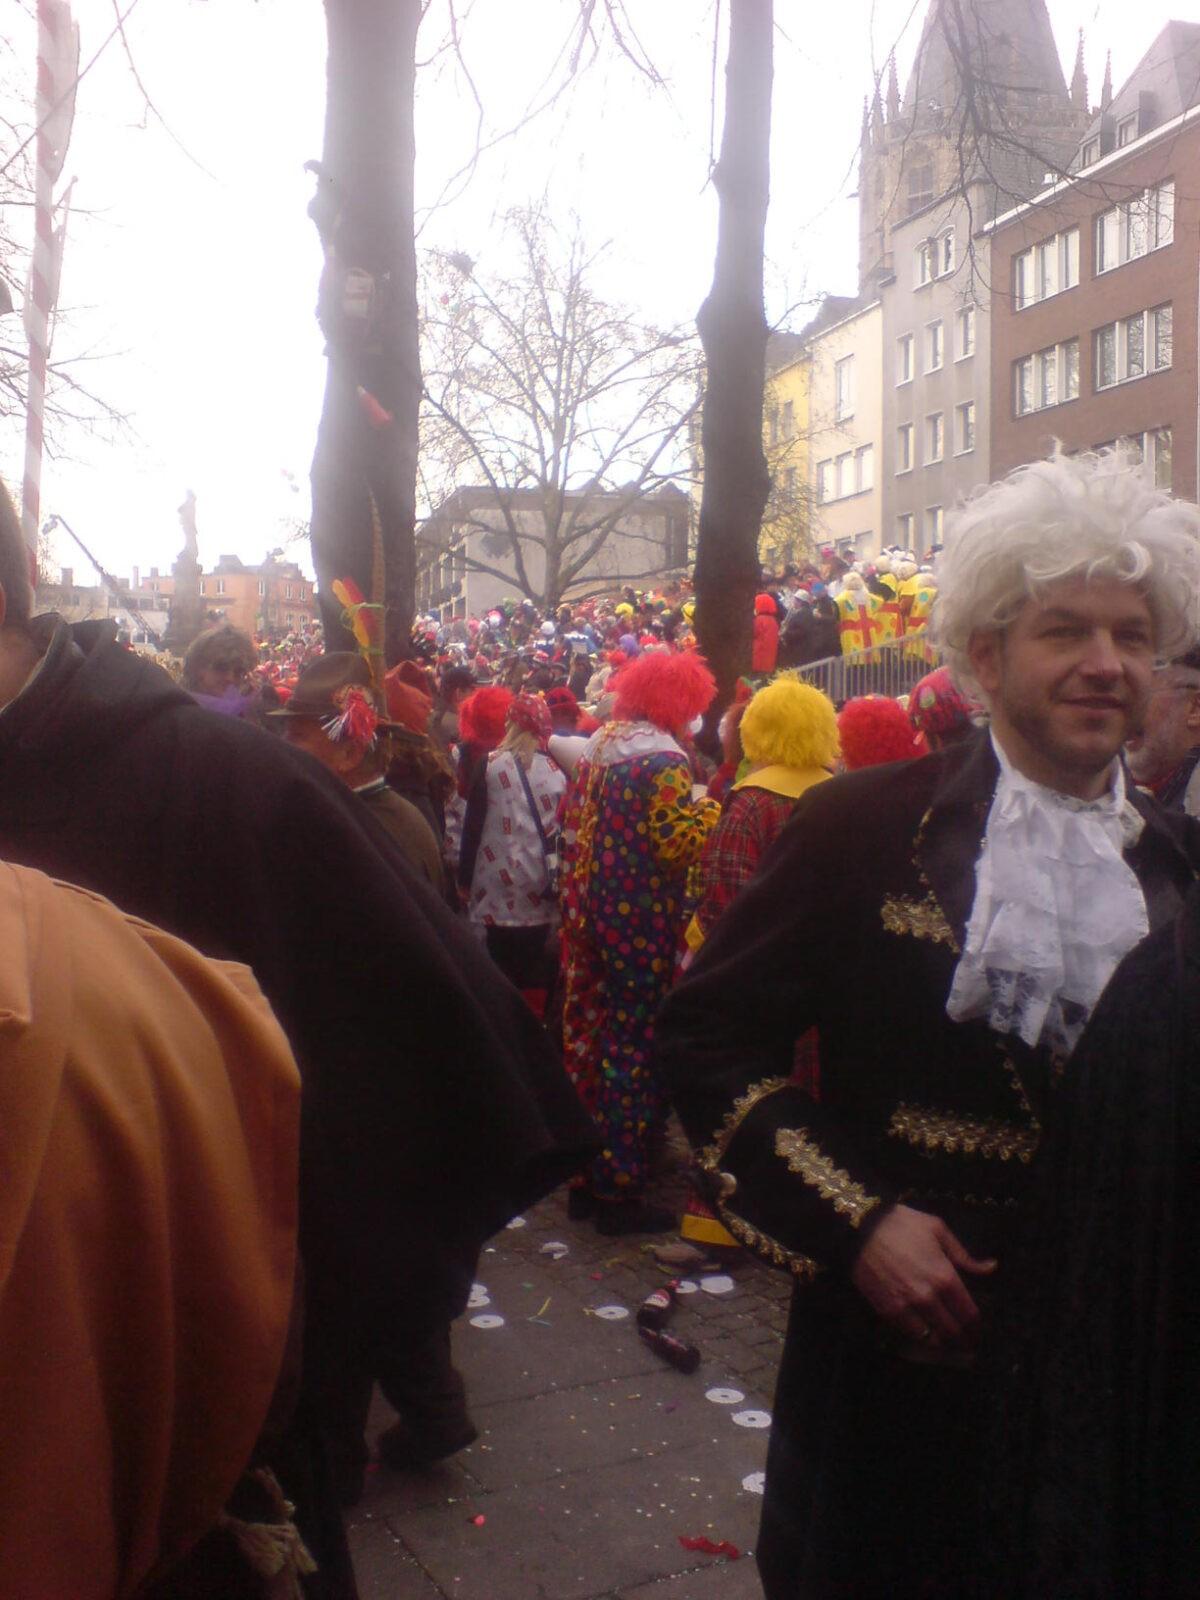 Kölner Karneval im Lockdown – feiern mit Abstand